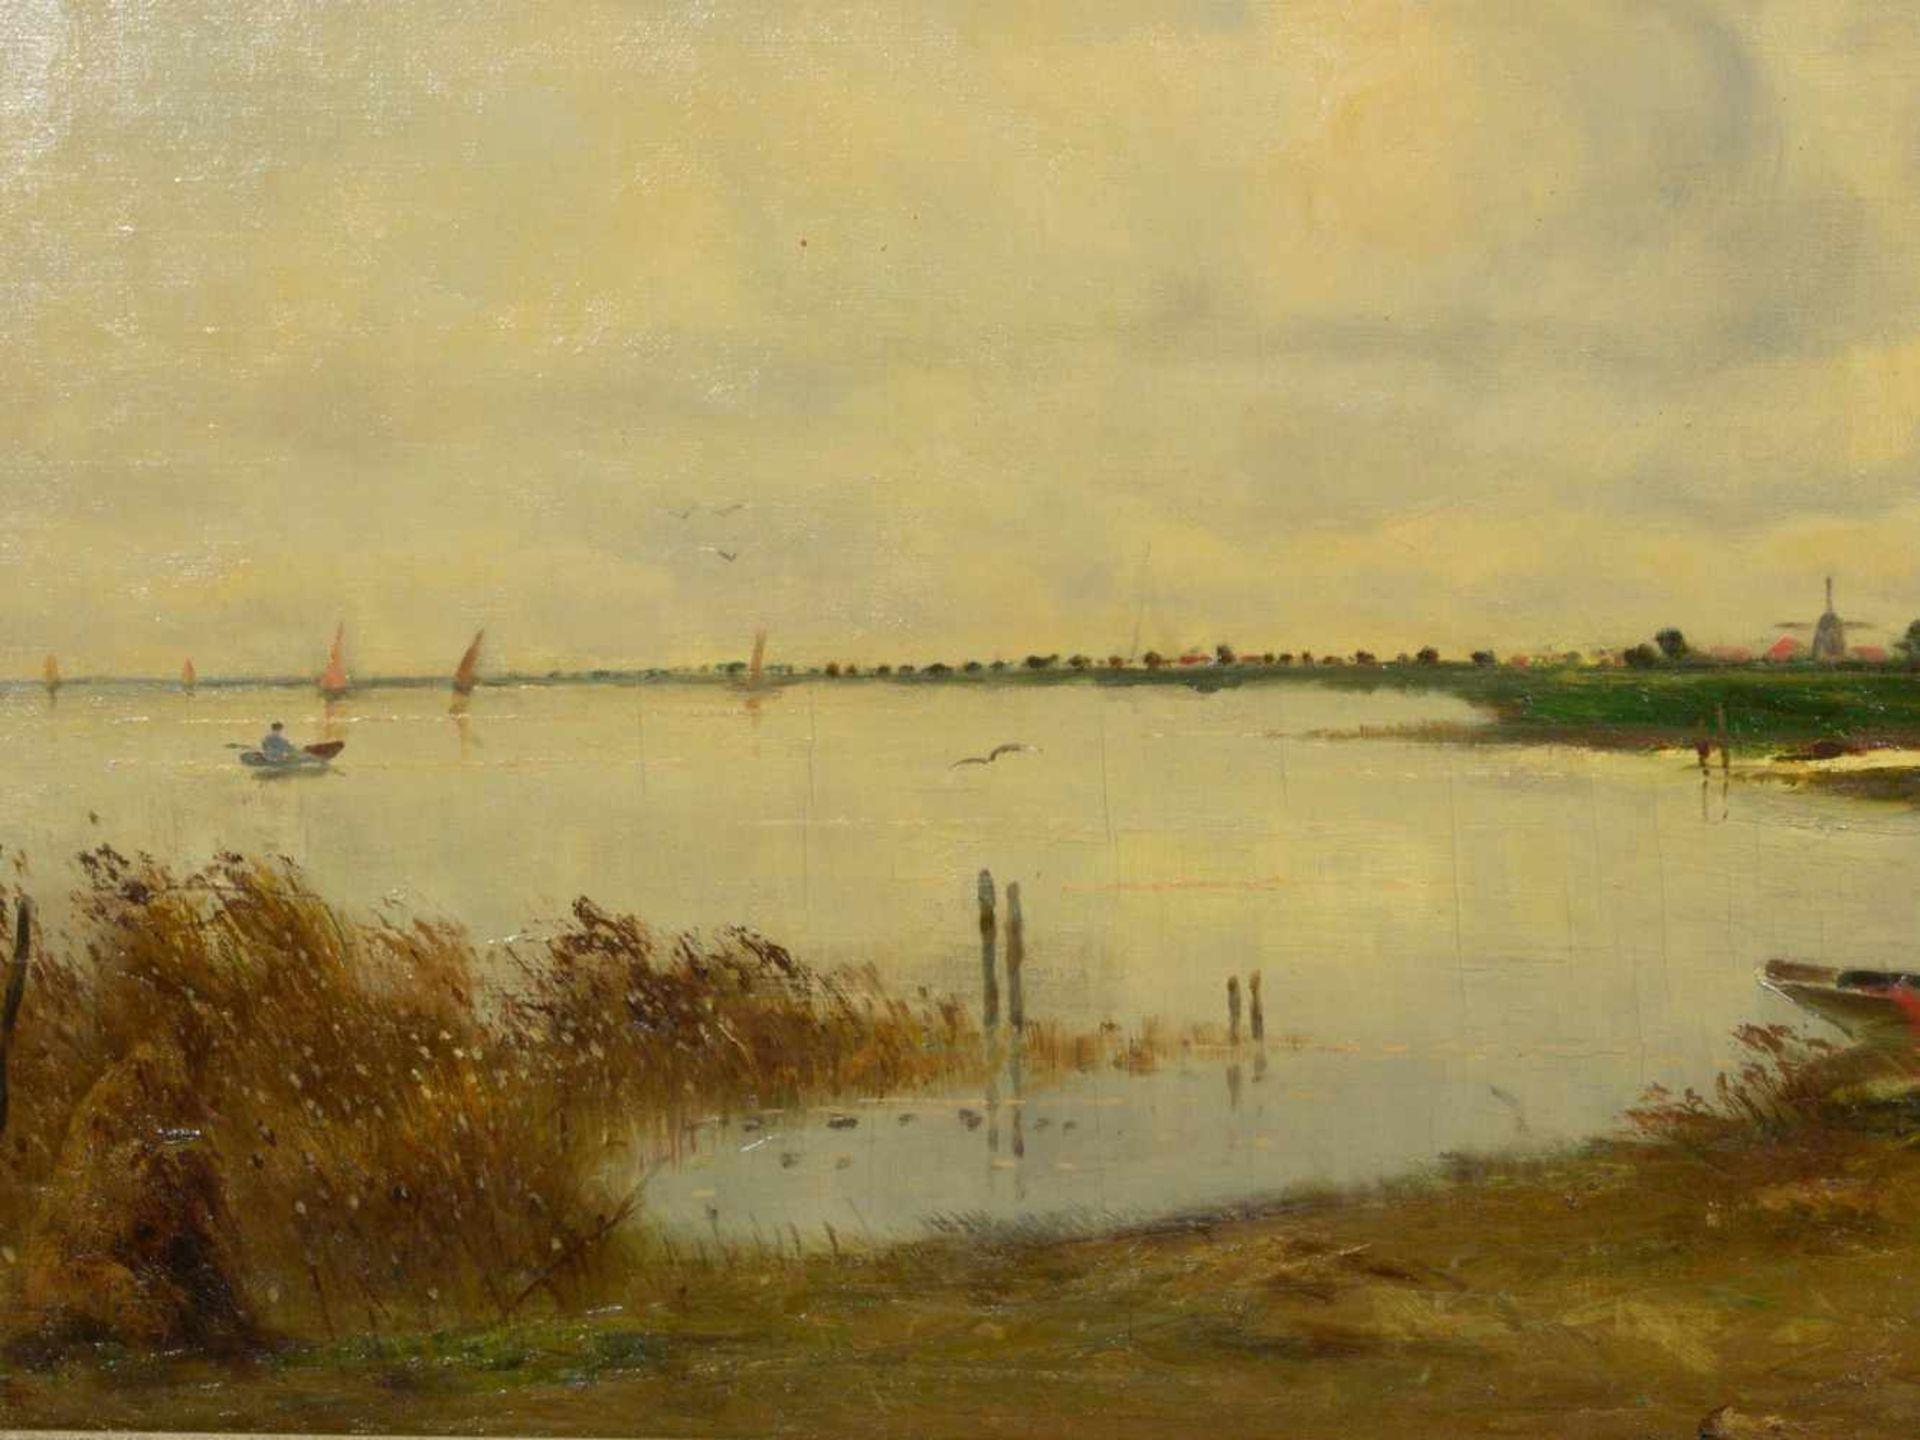 Sedlmeier (Sedlmayer), Sepp - Küstenlandschaft in Norddeutschland oder HollandLandschaftsdarstellung - Bild 5 aus 6